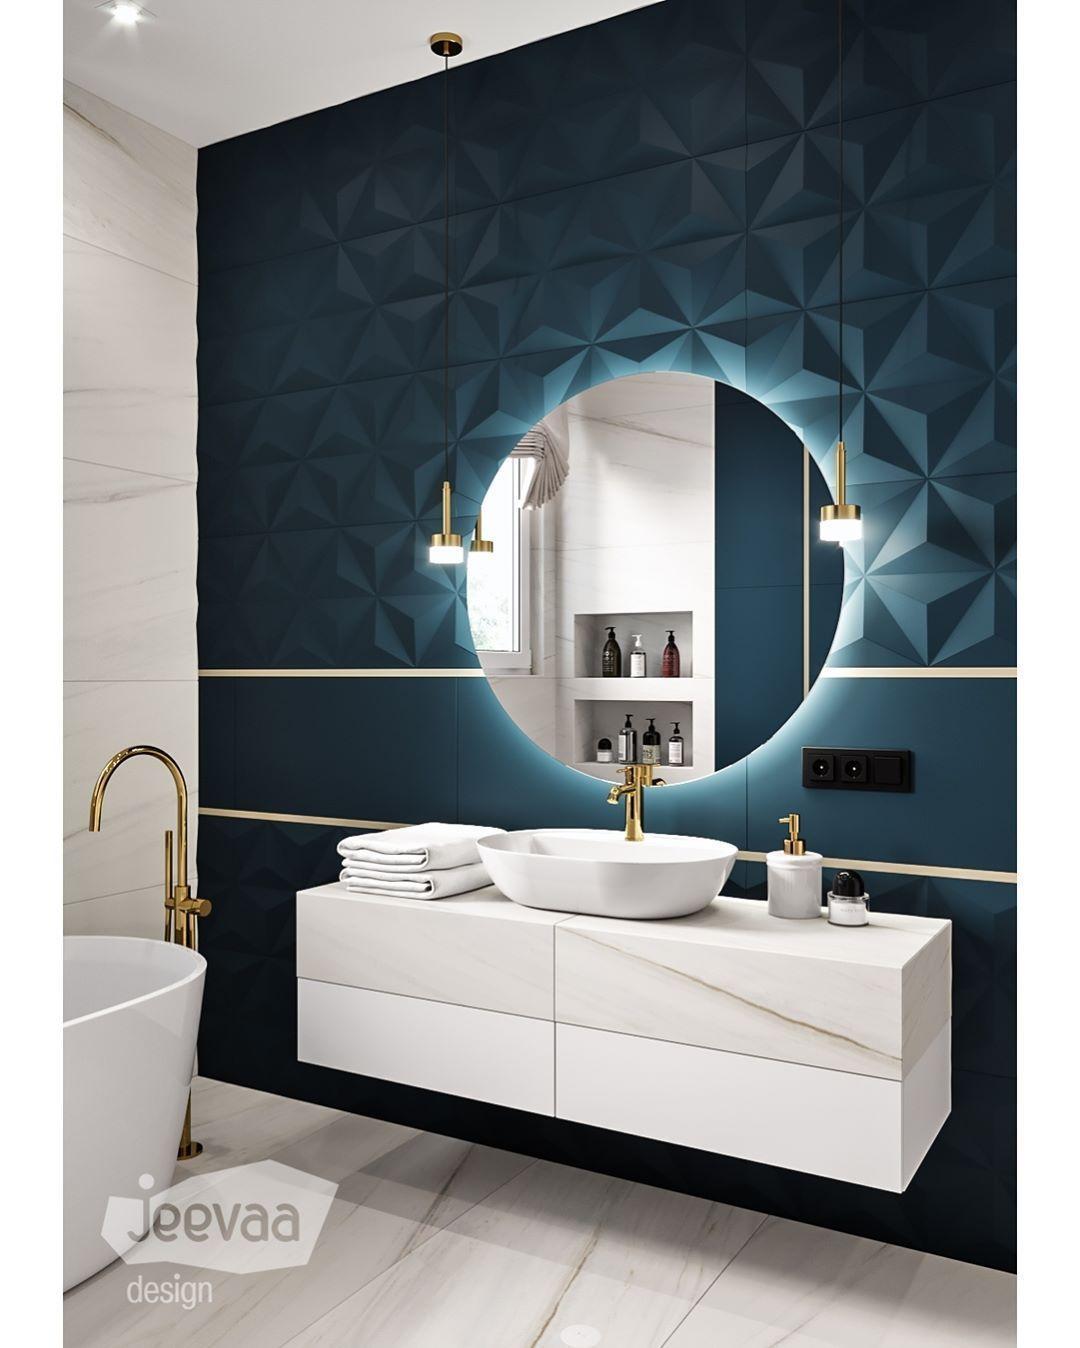 Interior Design Studio Auf Instagram Ein Privathaushalt Ist Grossartig Viel Raum Fur Kreati In 2020 Bathroom Design Luxury Bathroom Interior Design Dream Bathrooms